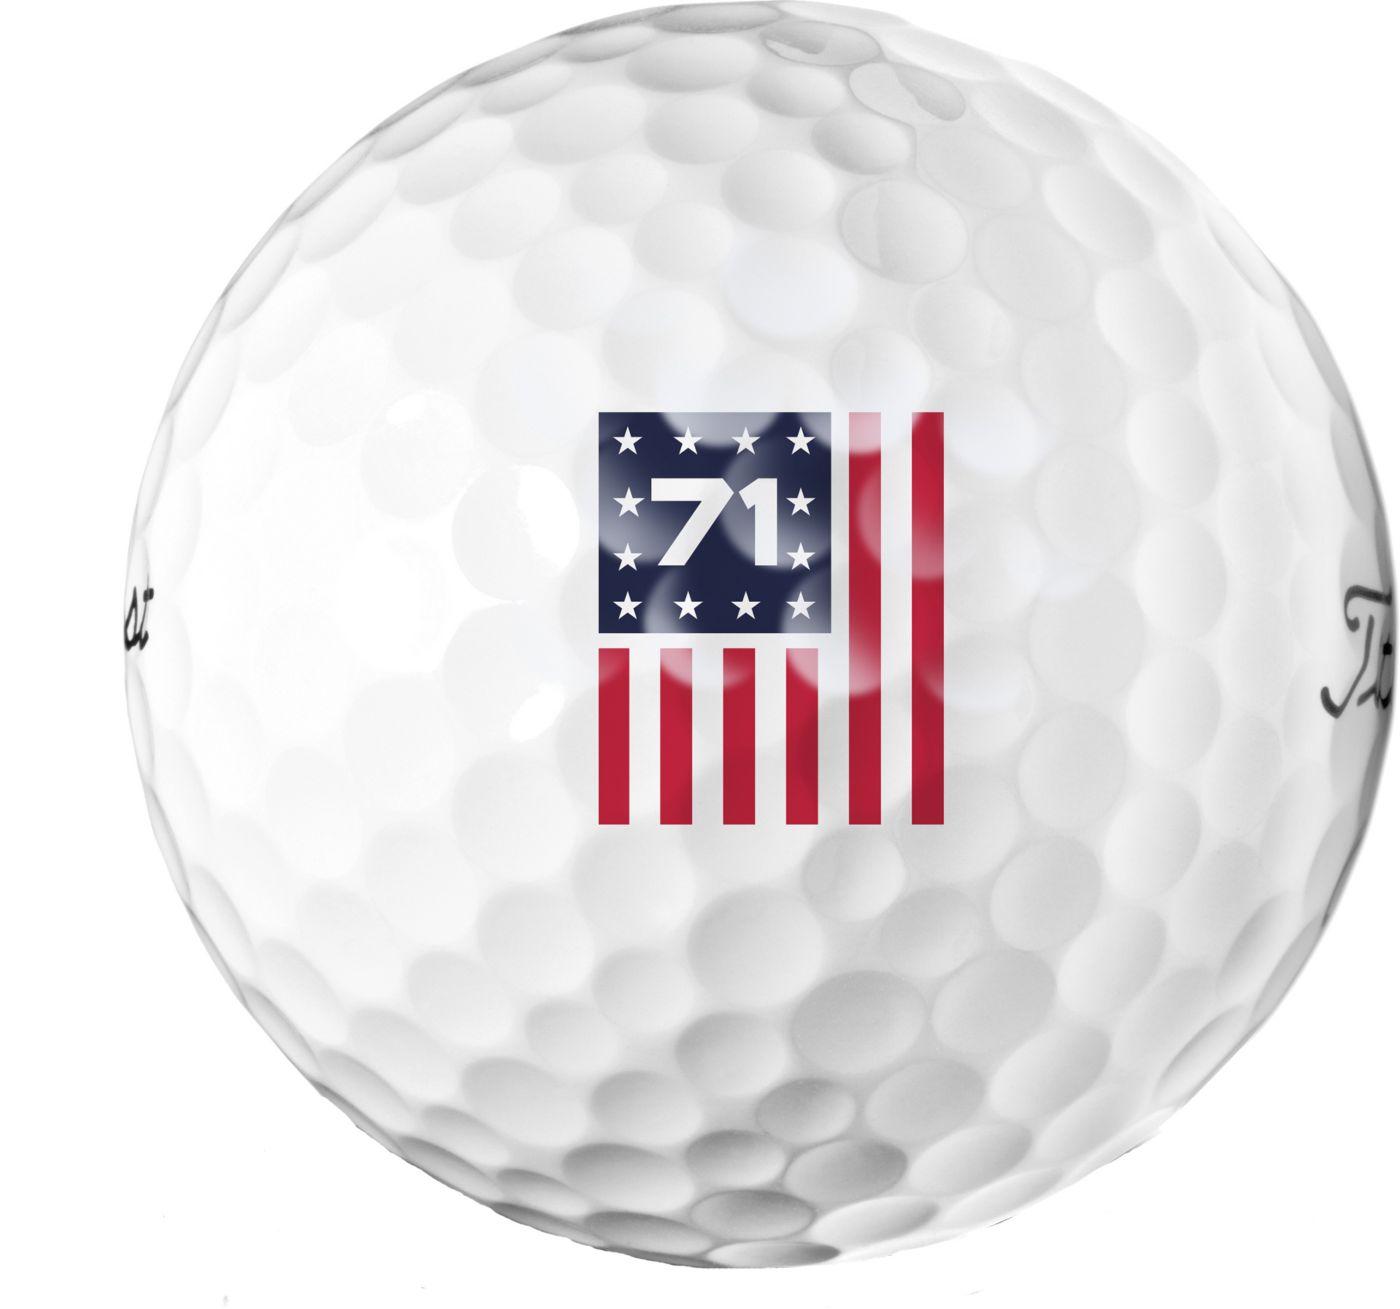 Titleist 2019 Pro V1 Golf Balls – June Major Limited Edition – 6 Pack